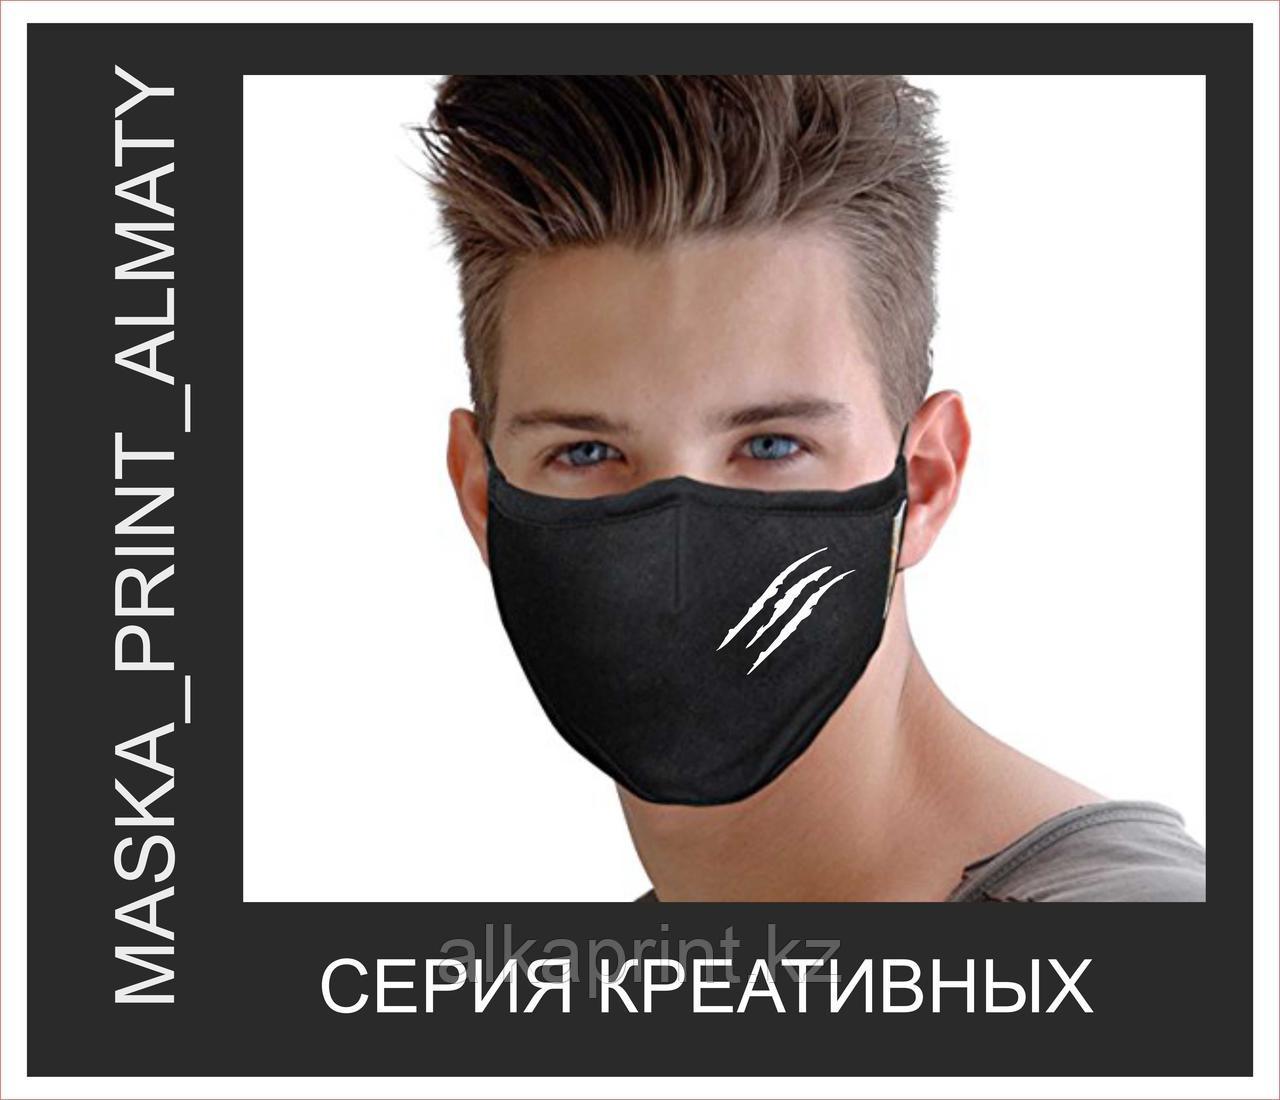 Маски многоразовые со стильными принтами мужские - фото 1